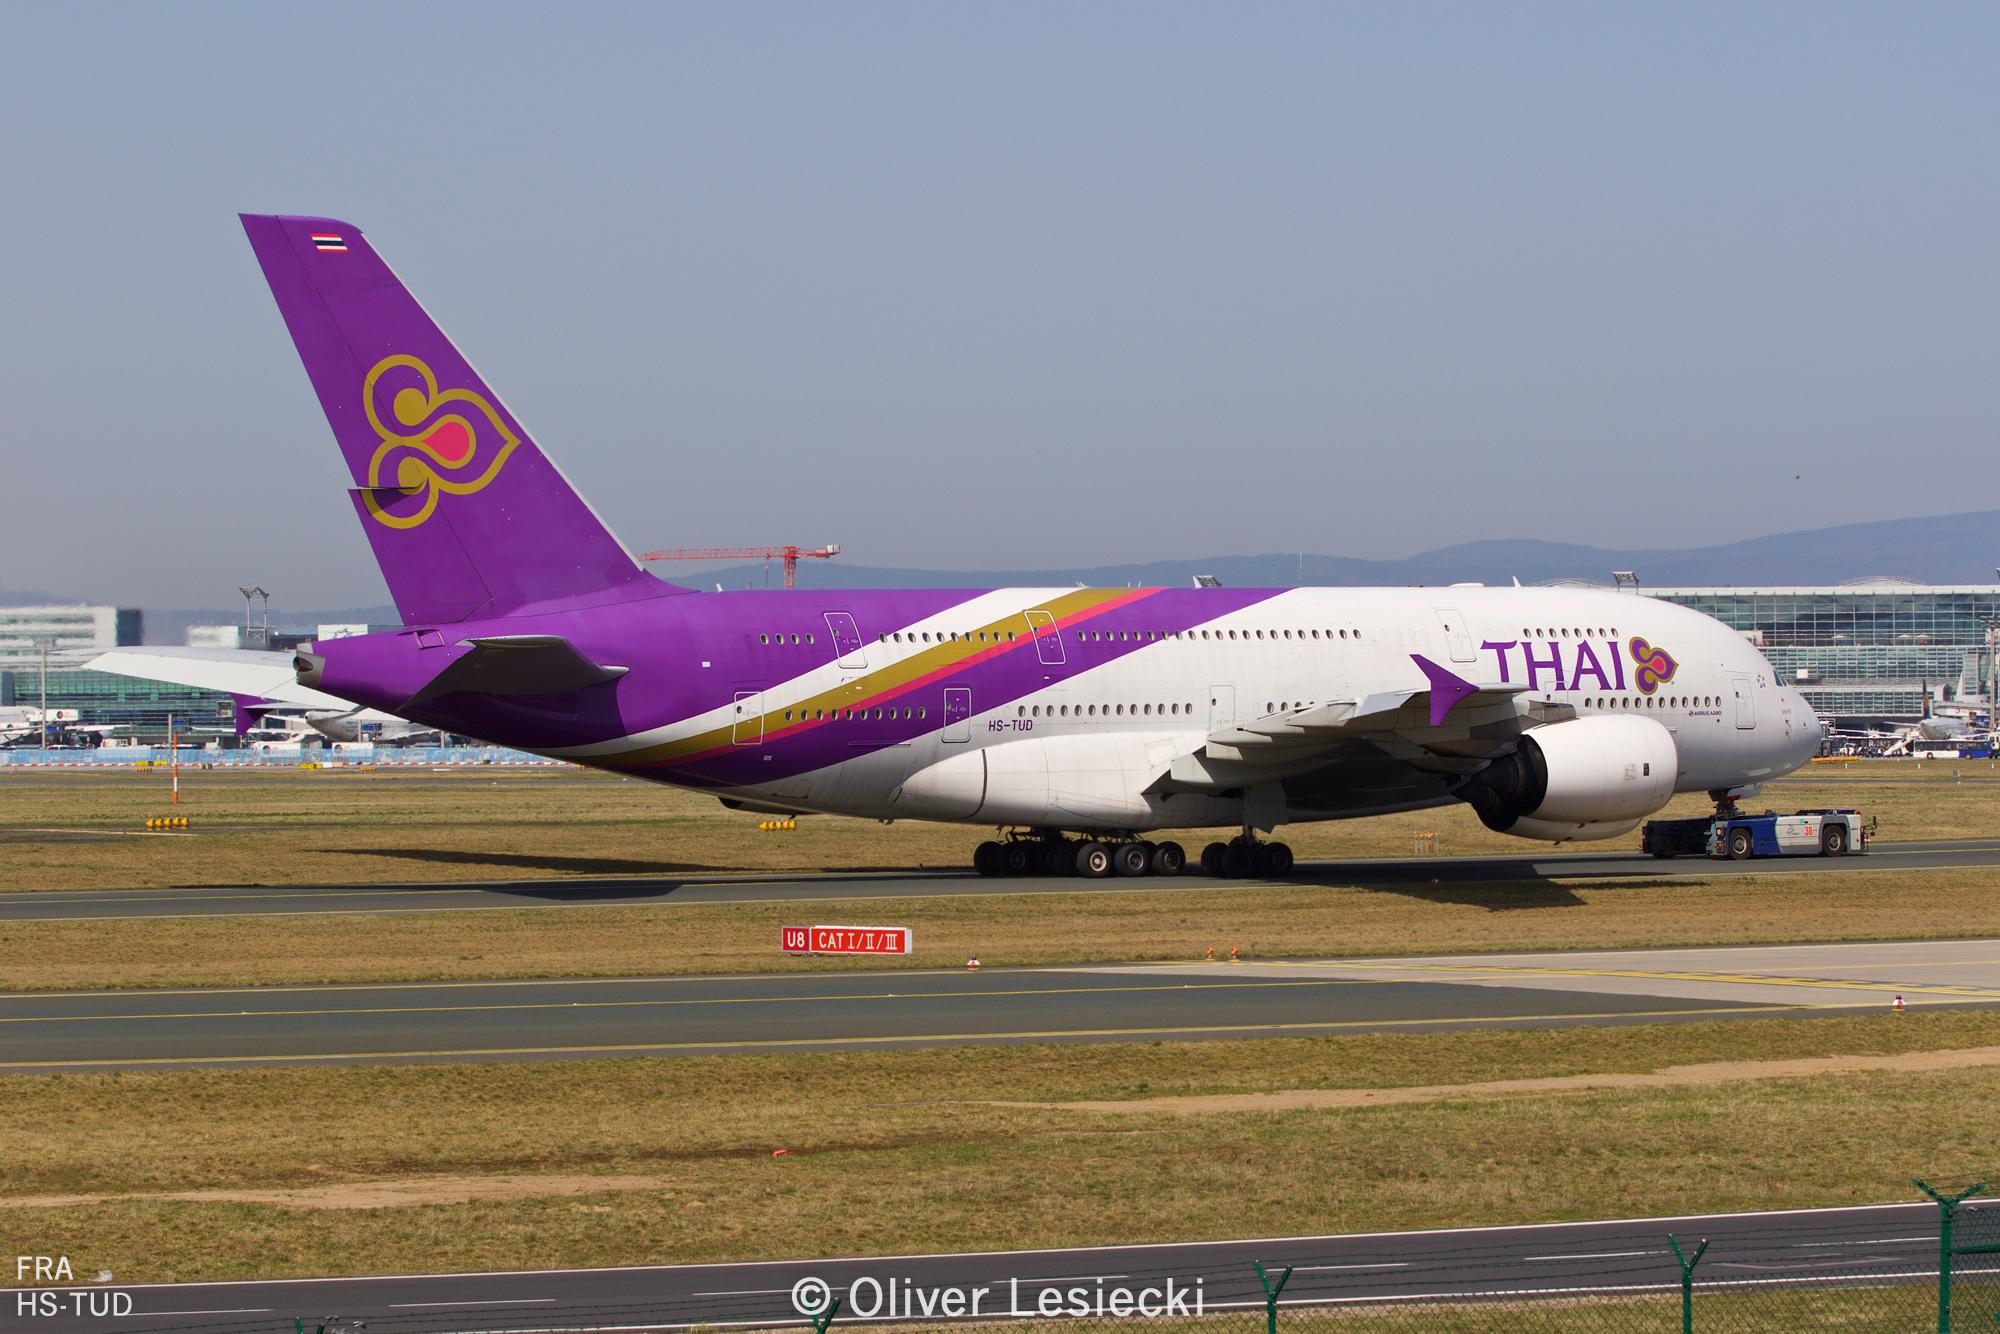 X_Thai_A380_HSTUD_05_FRA_080418